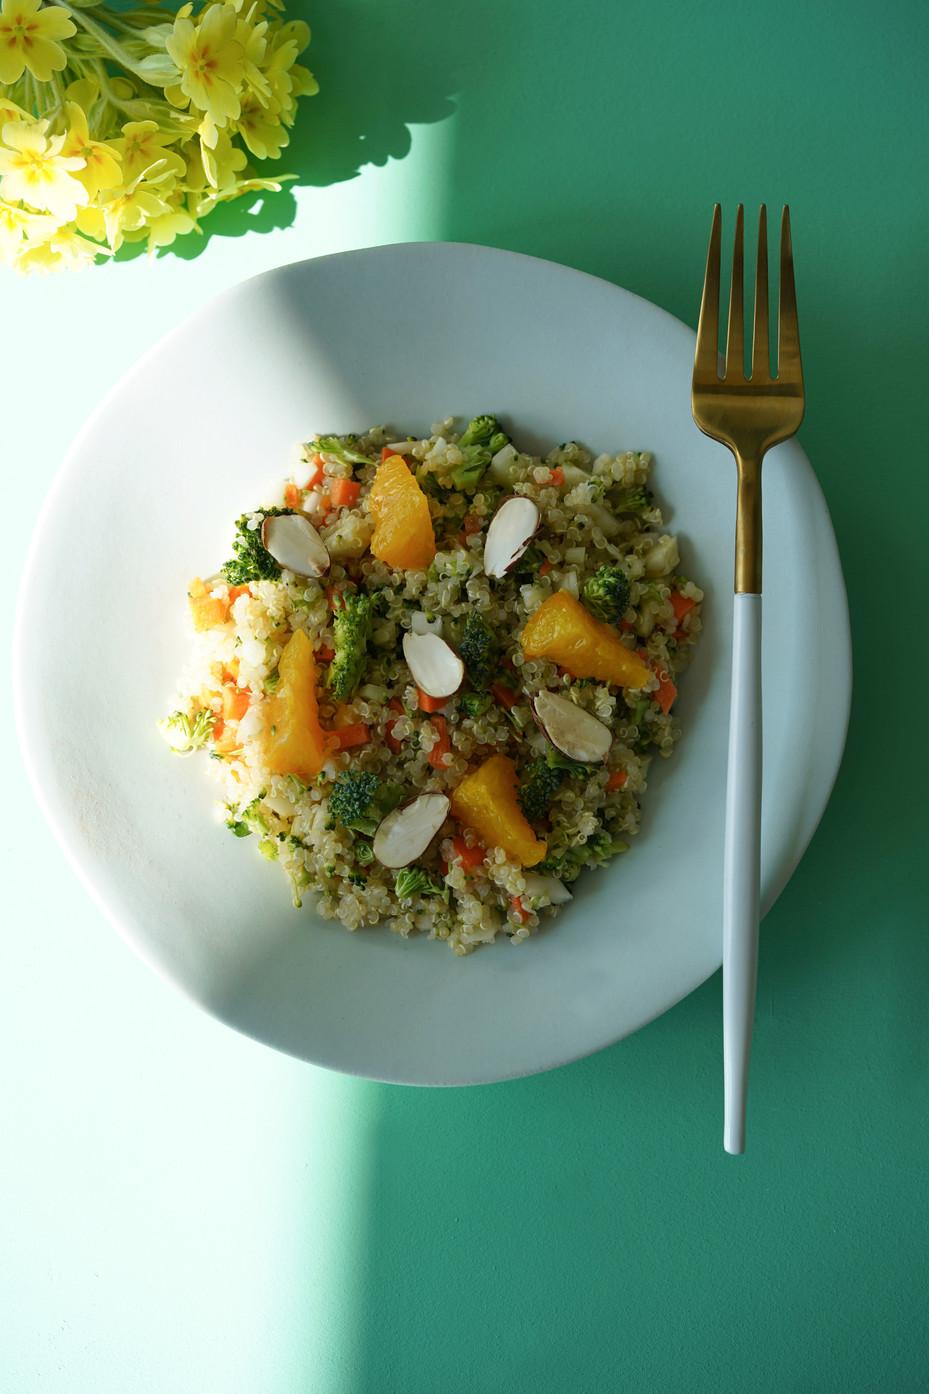 Salade de quinoa, fenouil et orange